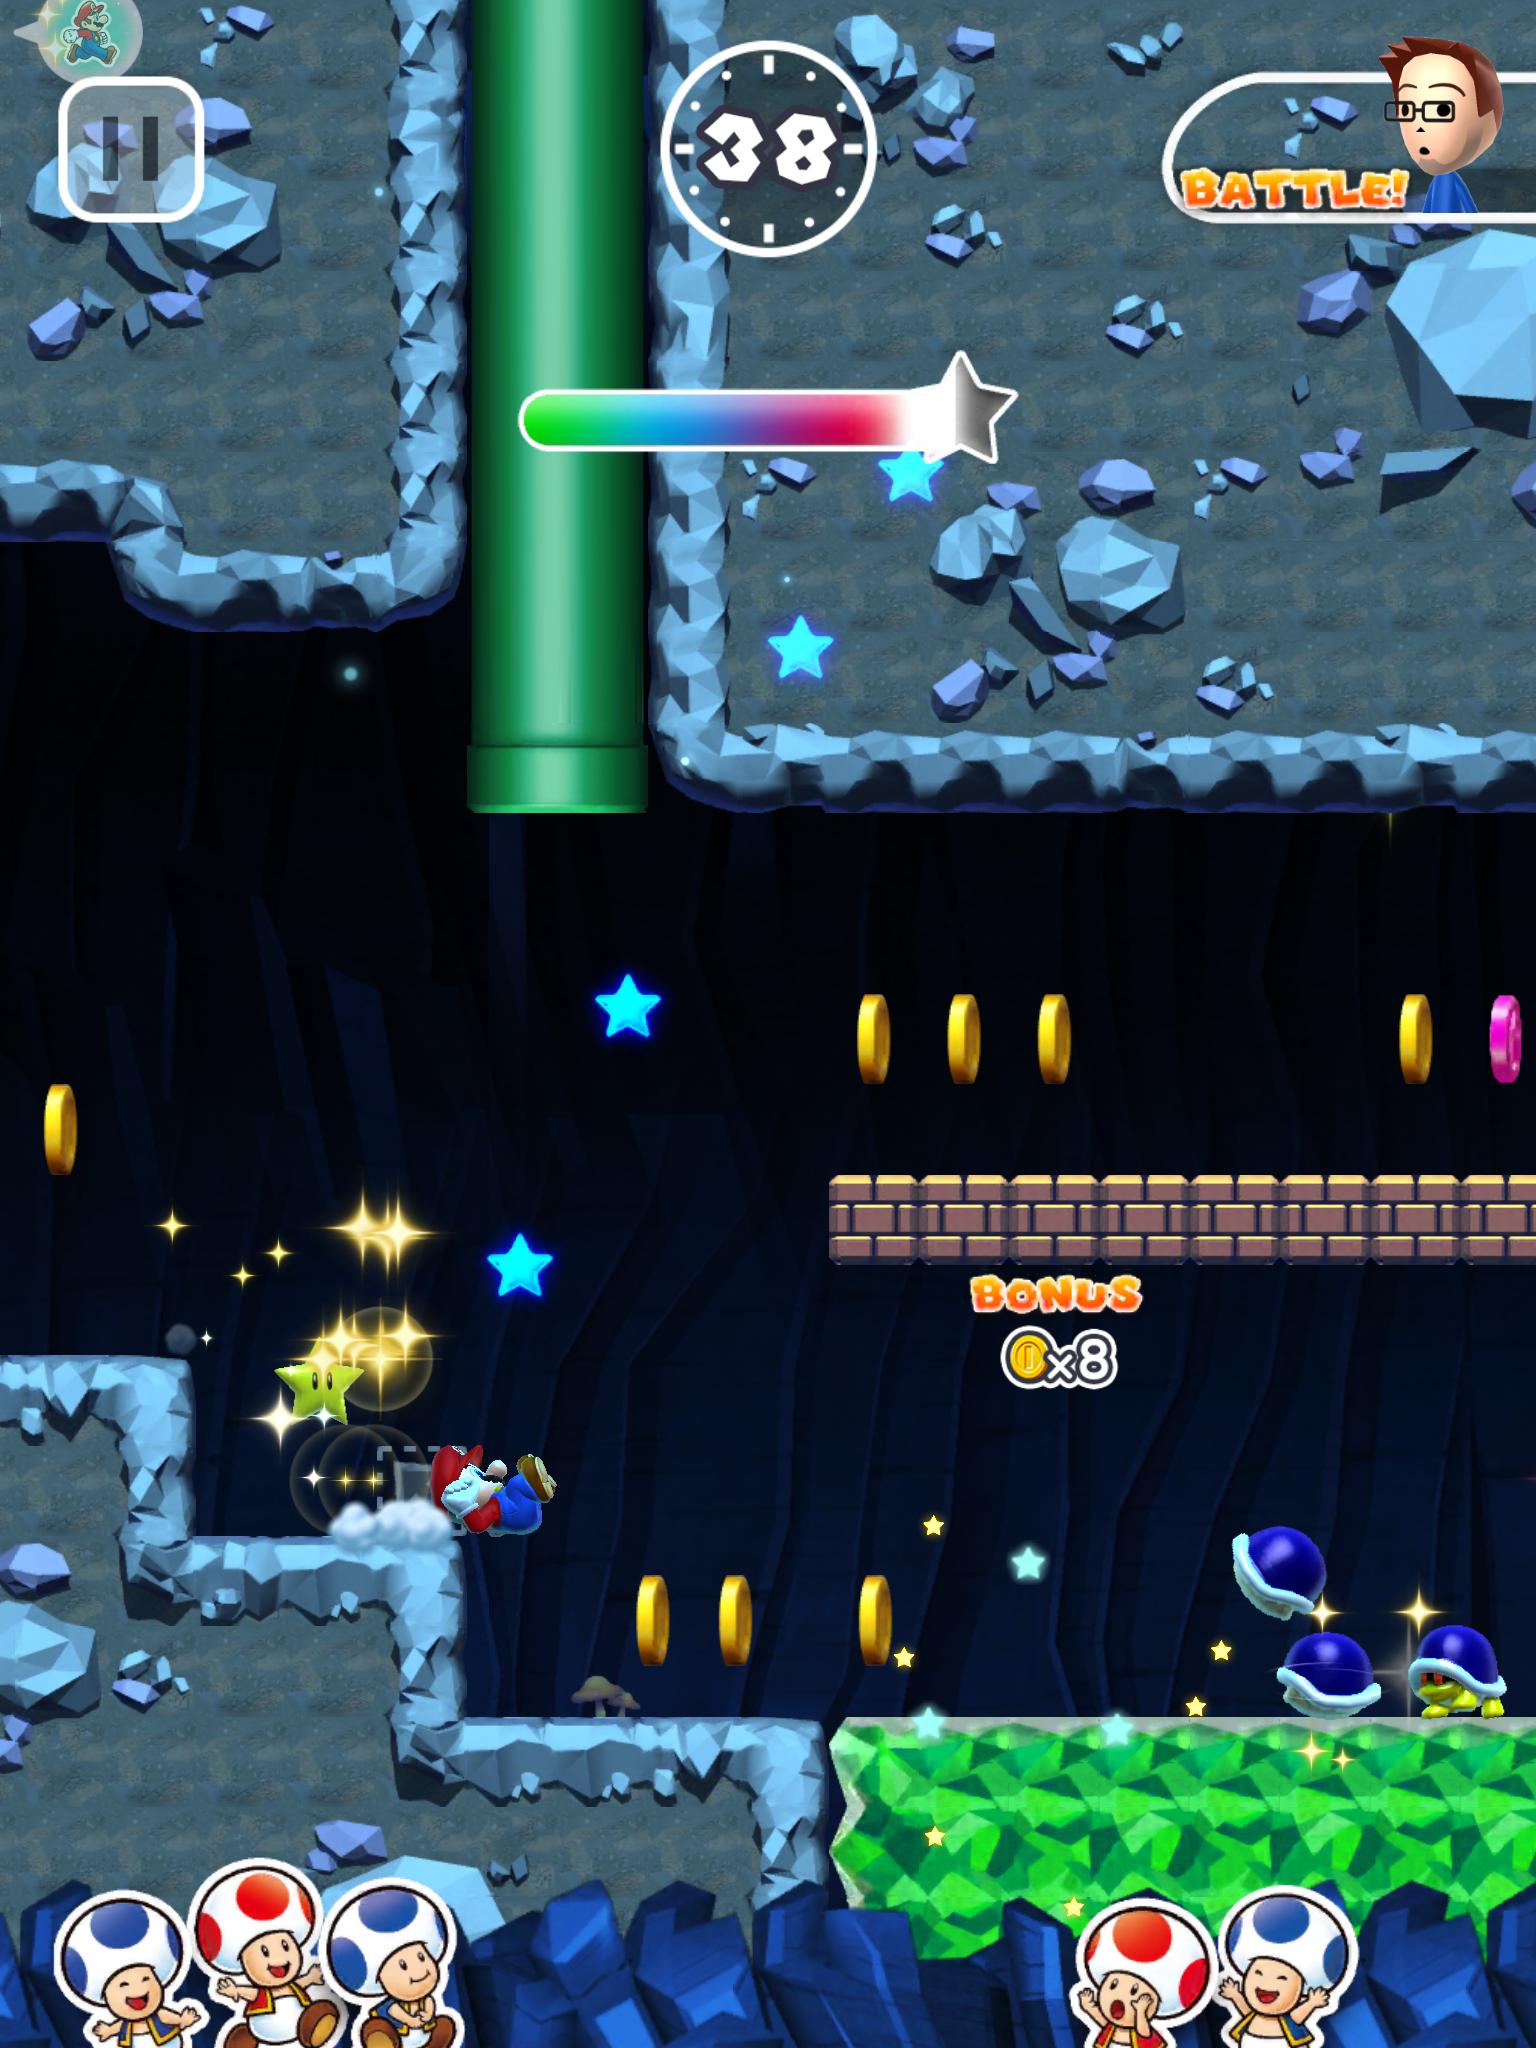 androidアプリ スーパーマリオラン(Super Mario Run)攻略スクリーンショット6